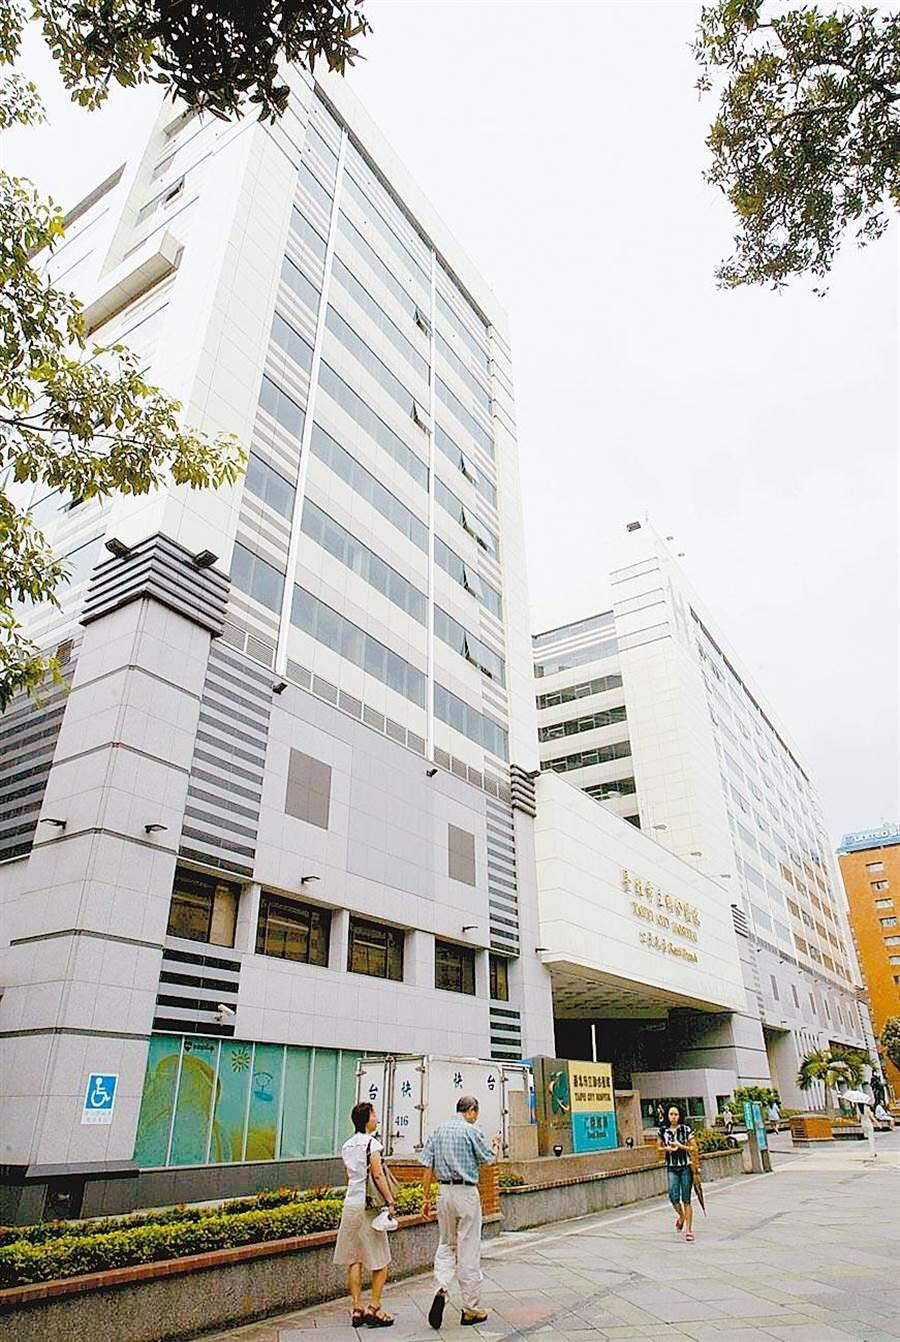 228和平紀念日,台北市立聯合醫院停診,加強急診作業。(本報社資料照片)